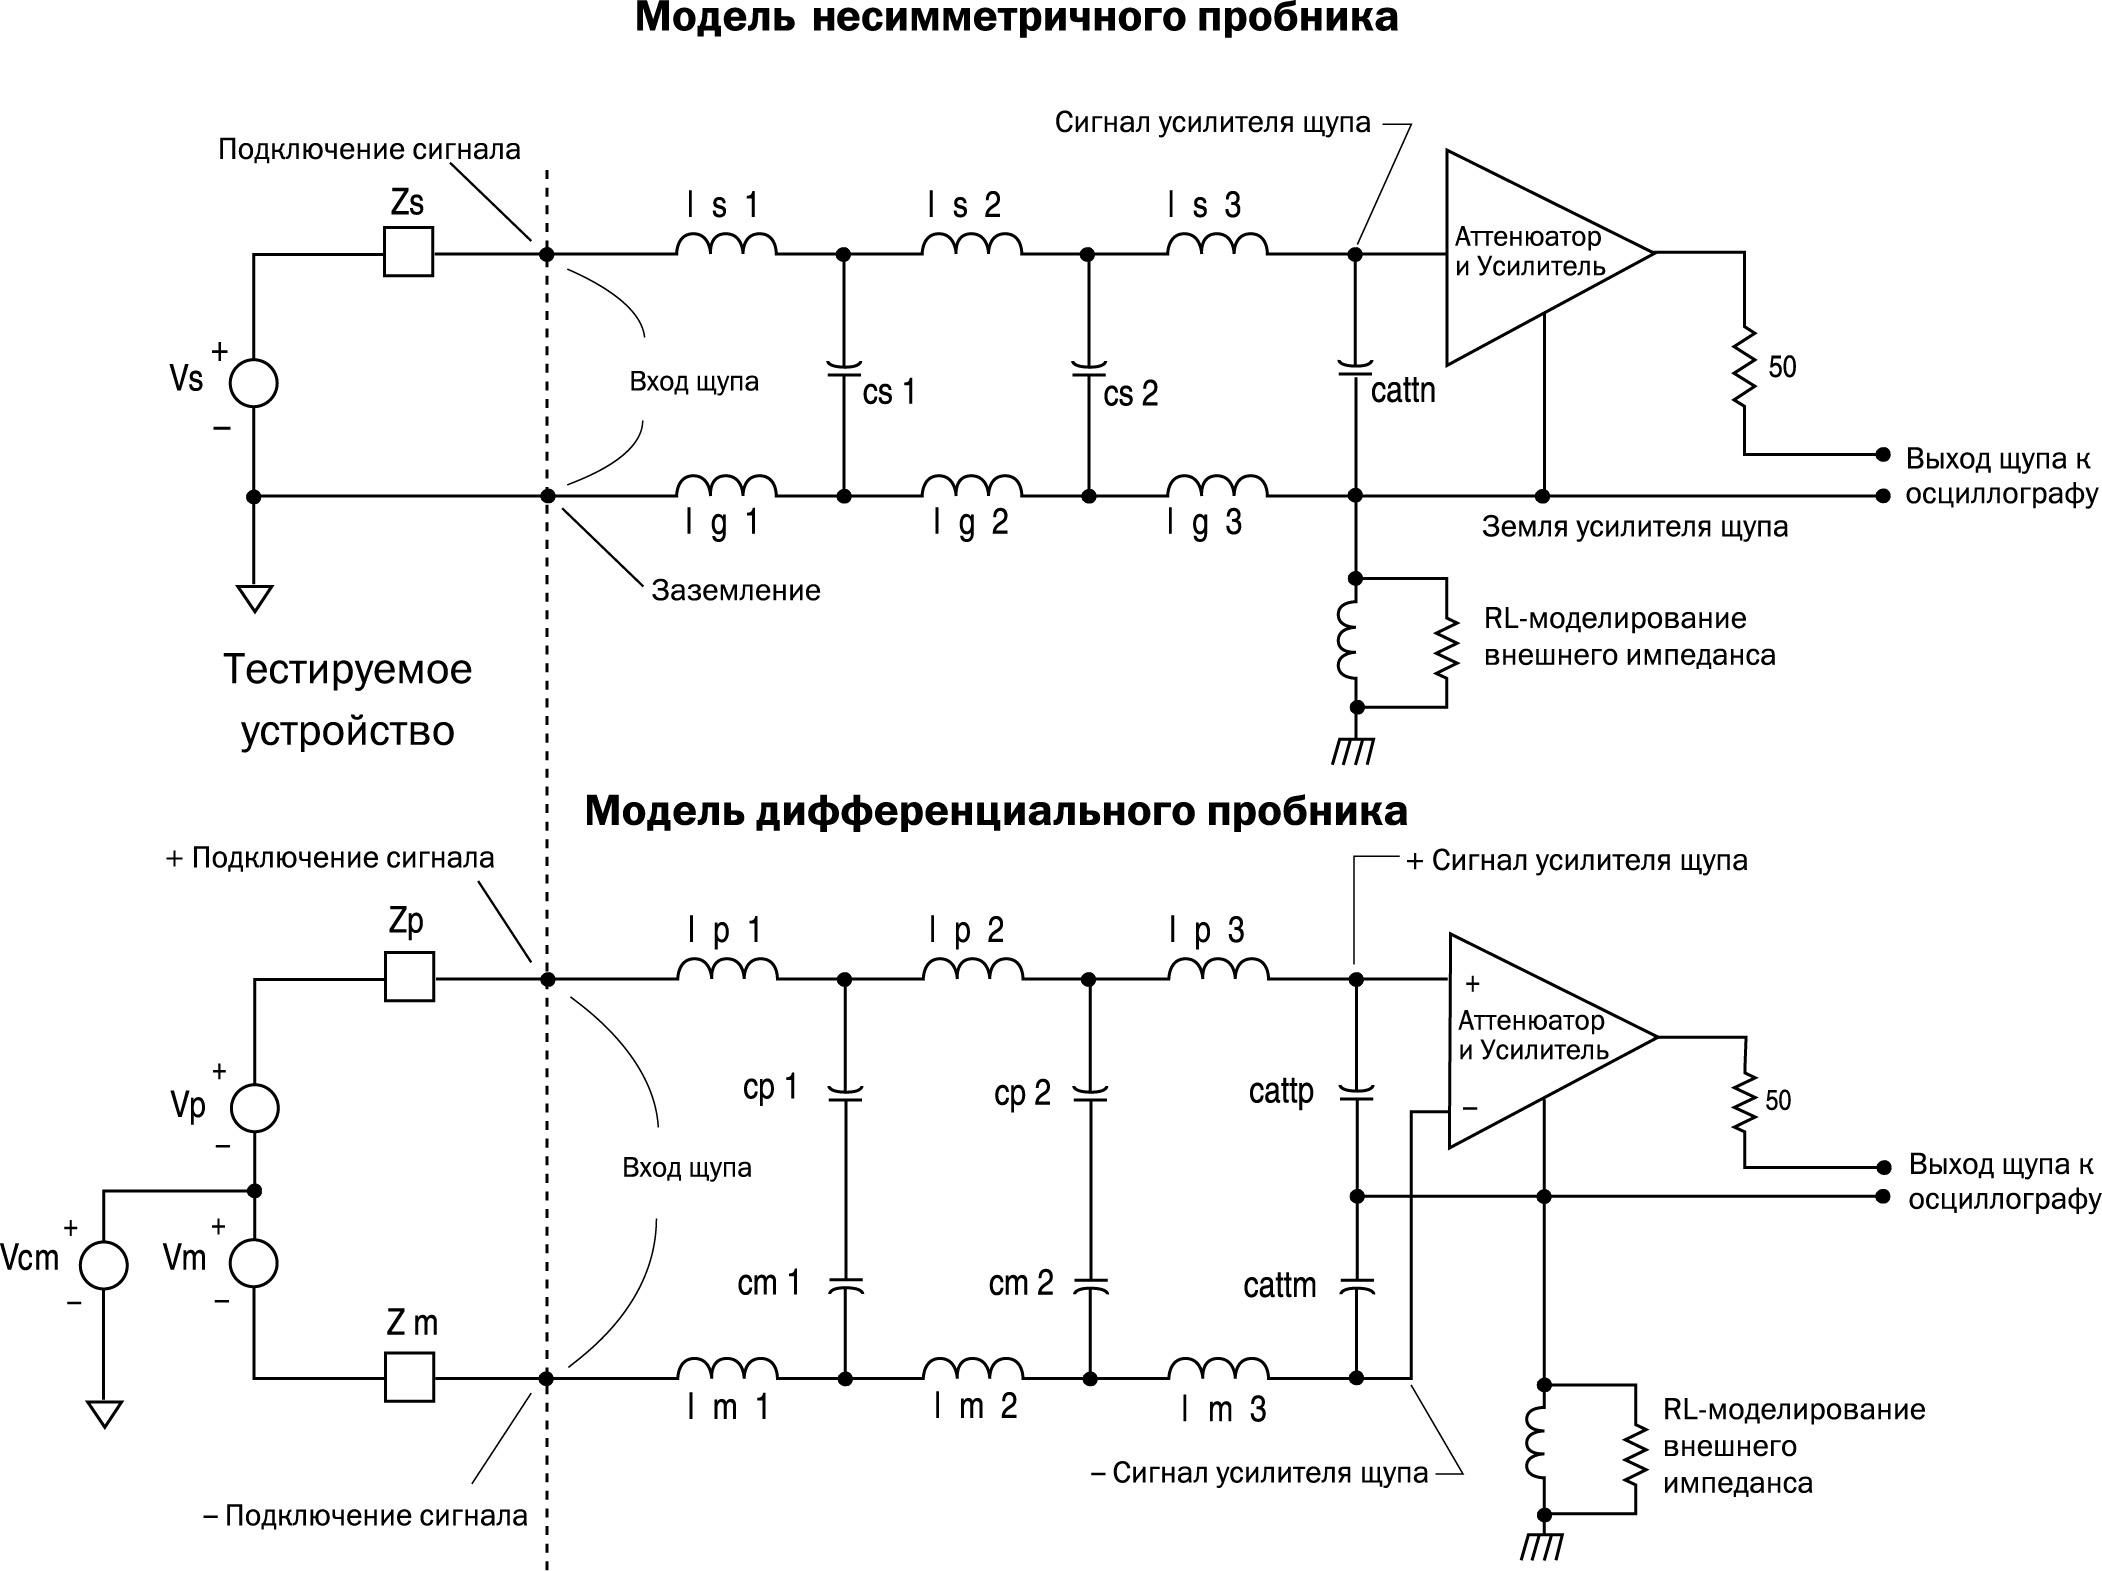 Упрощенные модели дифференциального и несимметричного щупов